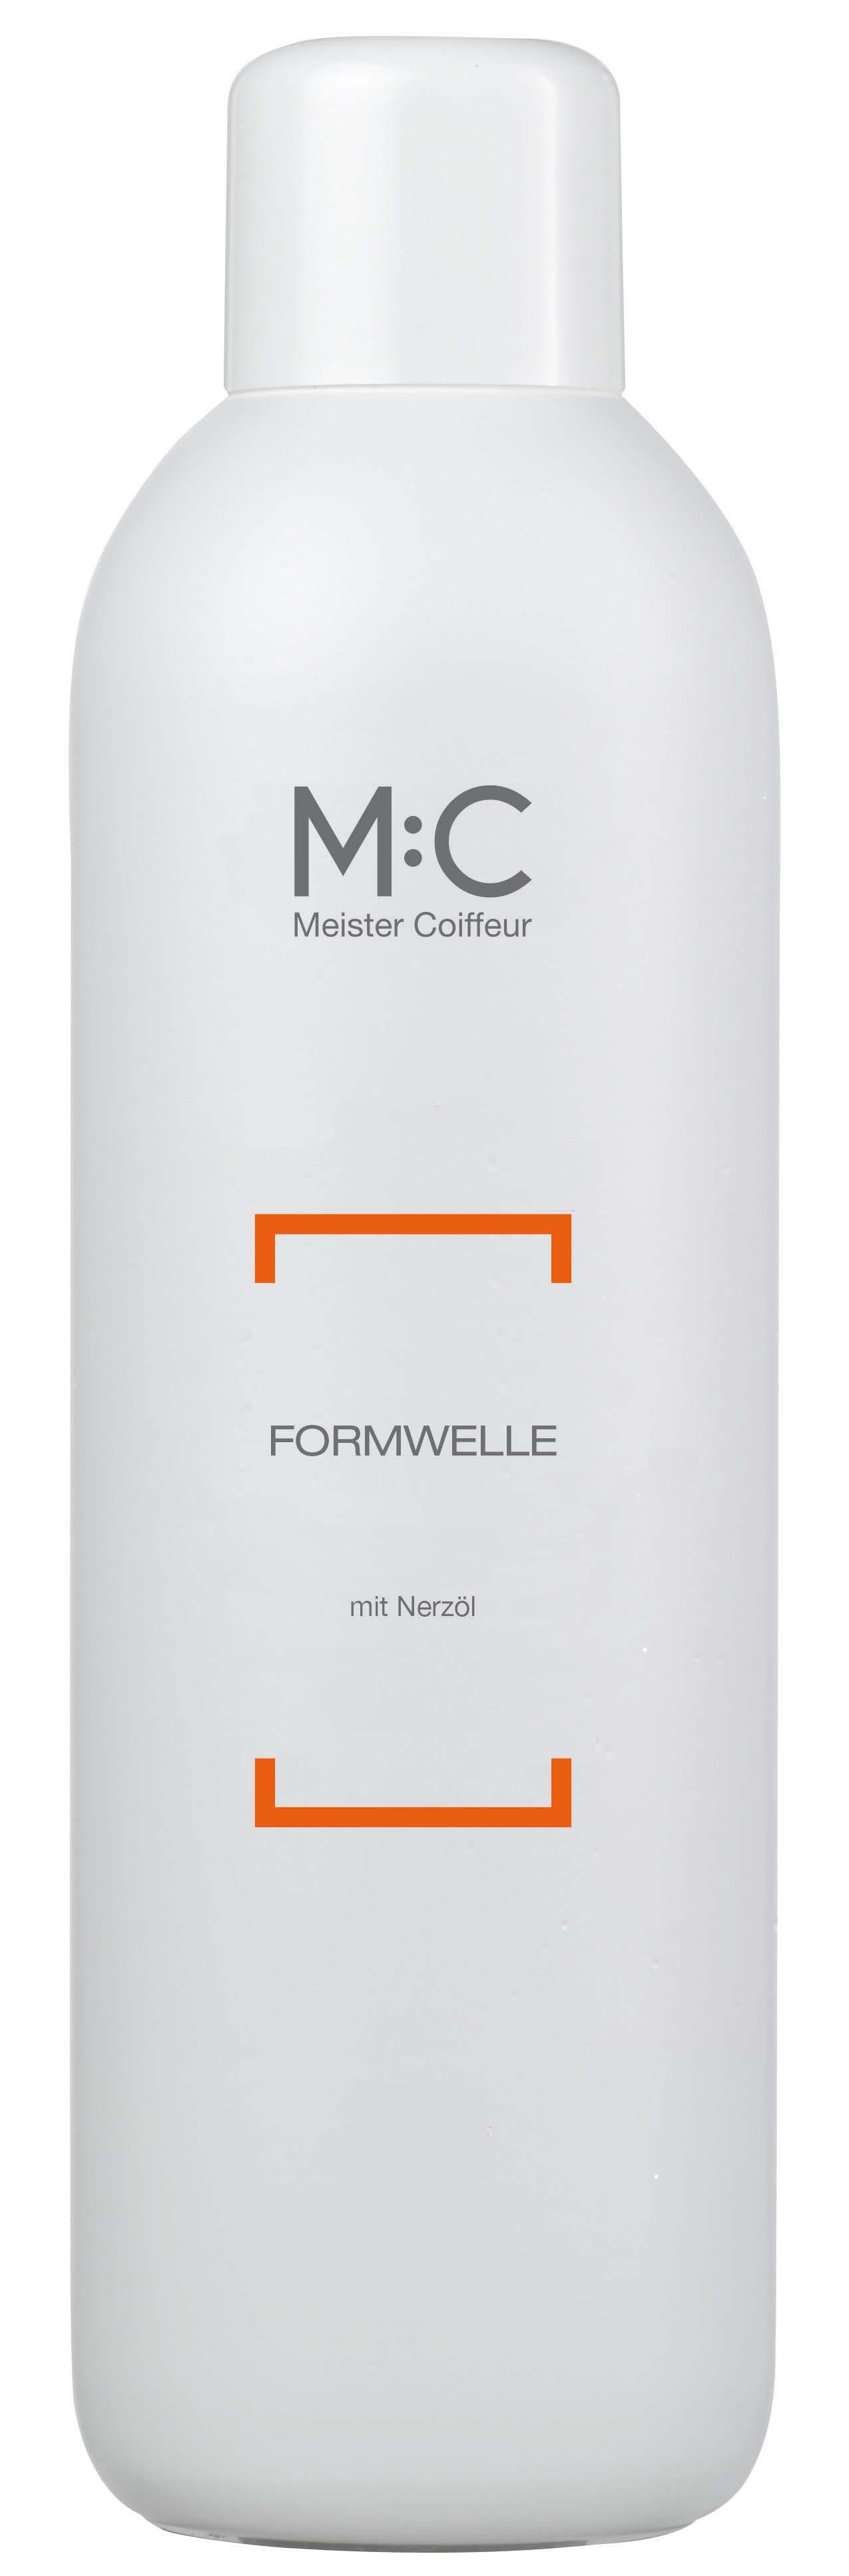 M:C Form Wave D